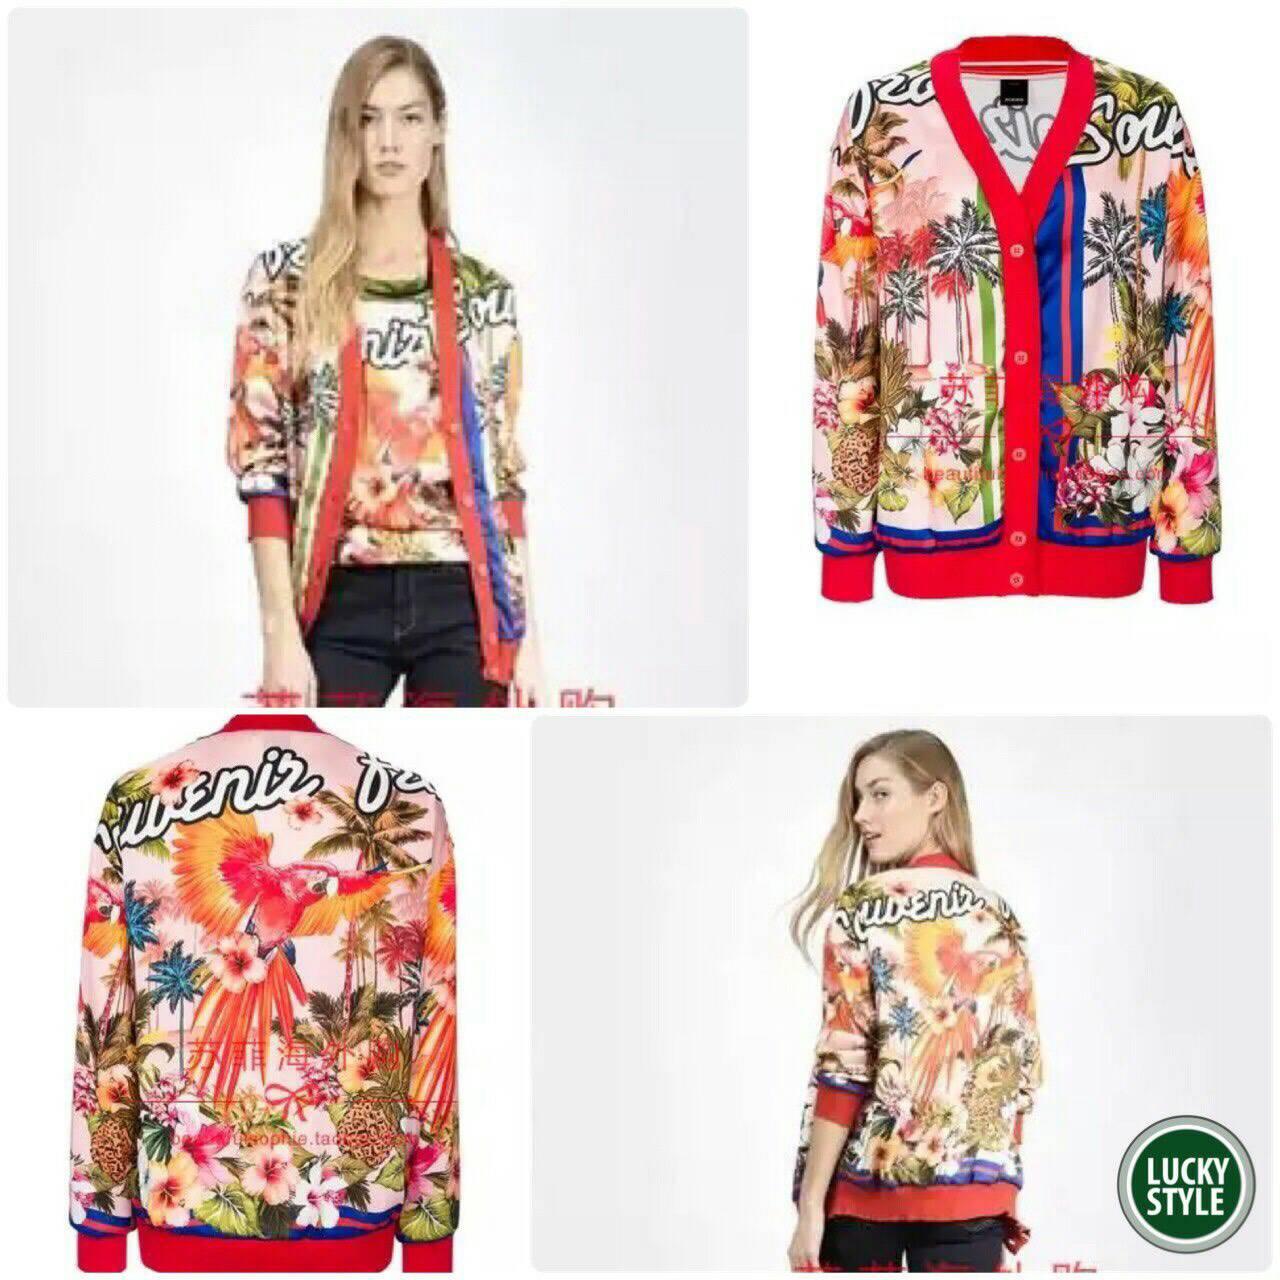 สุดชิคงานแบรนด์ Gucci ดีเทลเนื้อผ้า Silk 100% เนื้อนุ่มน่าสัมผัสในตัวสวมใส่ทิ้งตัวสวยอย่างดี